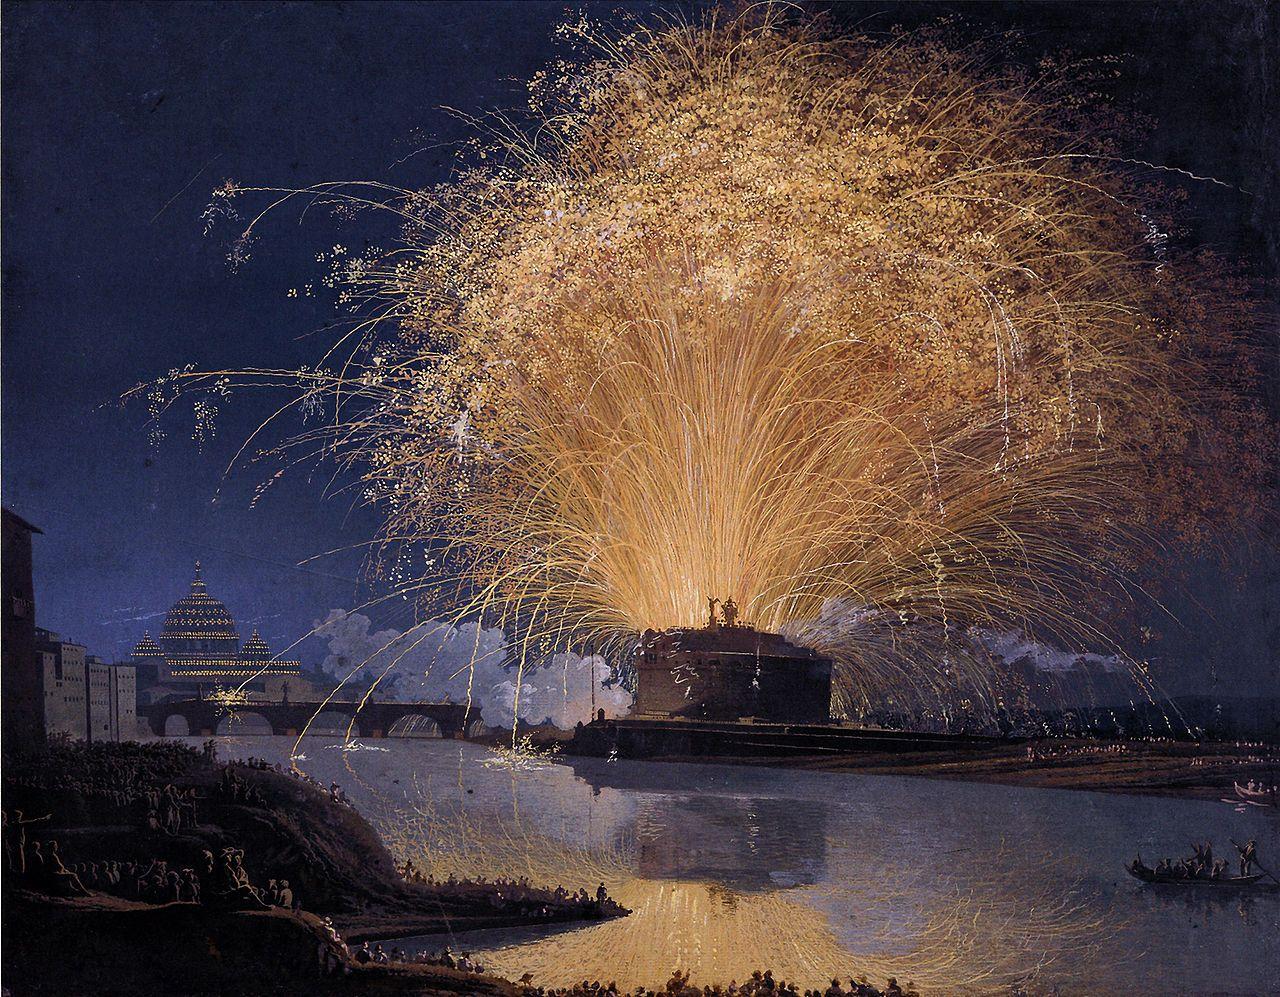 Hackert Feuerwerk Auf Der Engelsburg In Rom 1775 Jacob Philipp Hackert Wikipedia Castel Sant Angelo Castel Fireworks